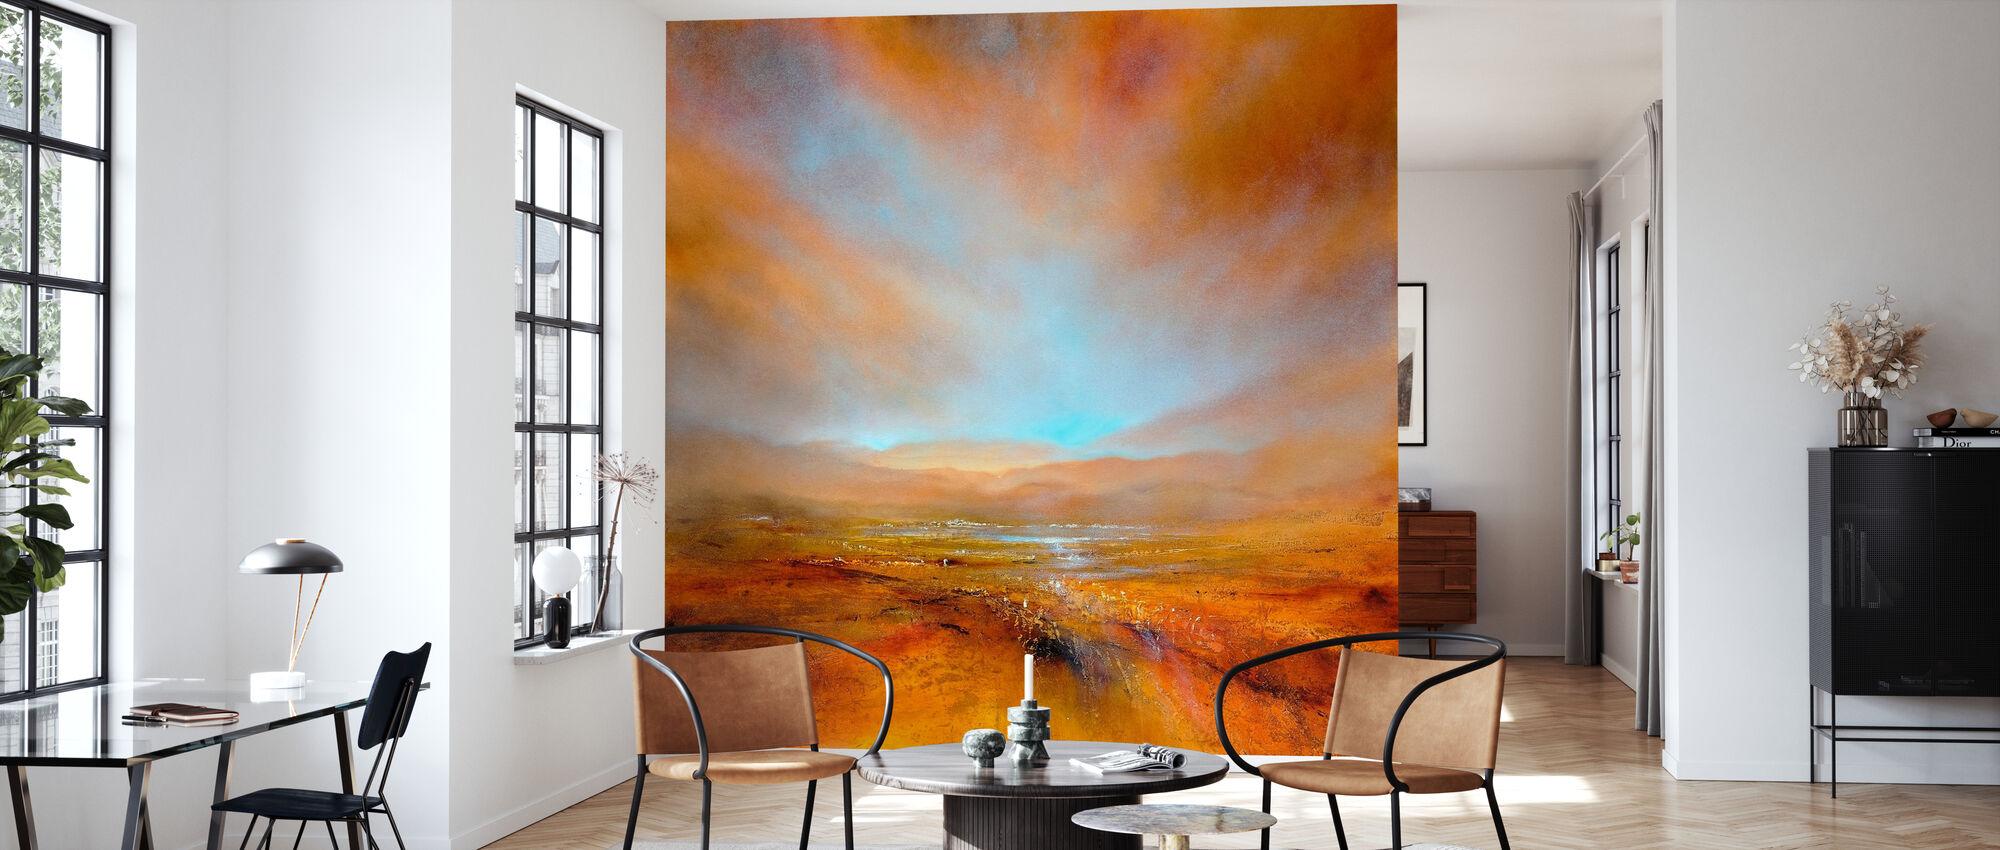 Herbstlicht - Tapete - Wohnzimmer